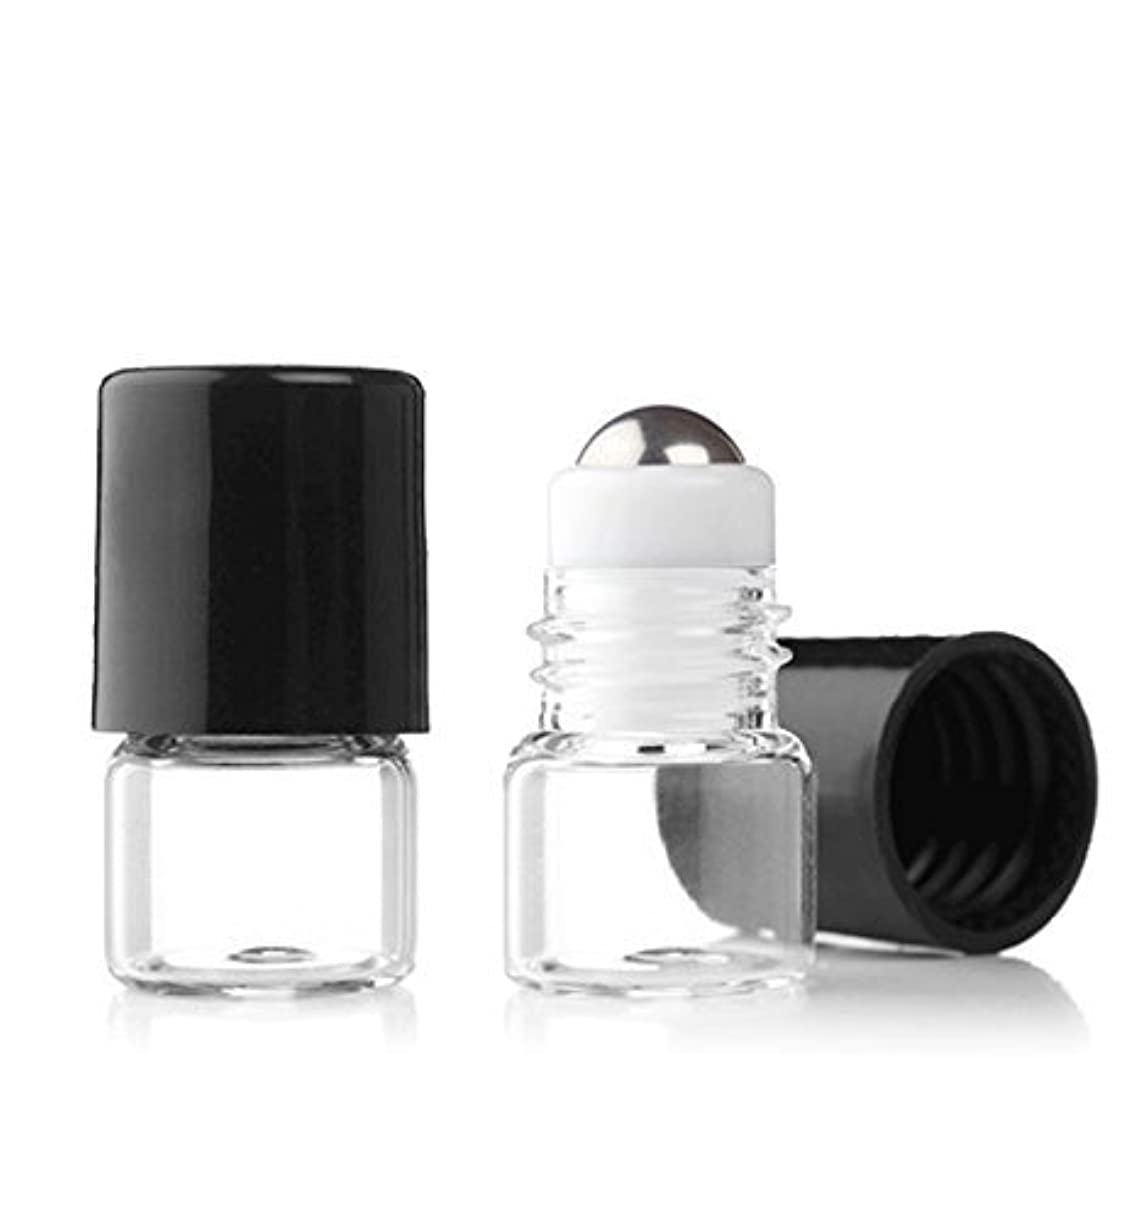 レンディション中庭ガスGrand Parfums Empty 1ml Micro Mini Rollon Dram Glass Bottles with Metal Roller Balls - Refillable Aromatherapy...